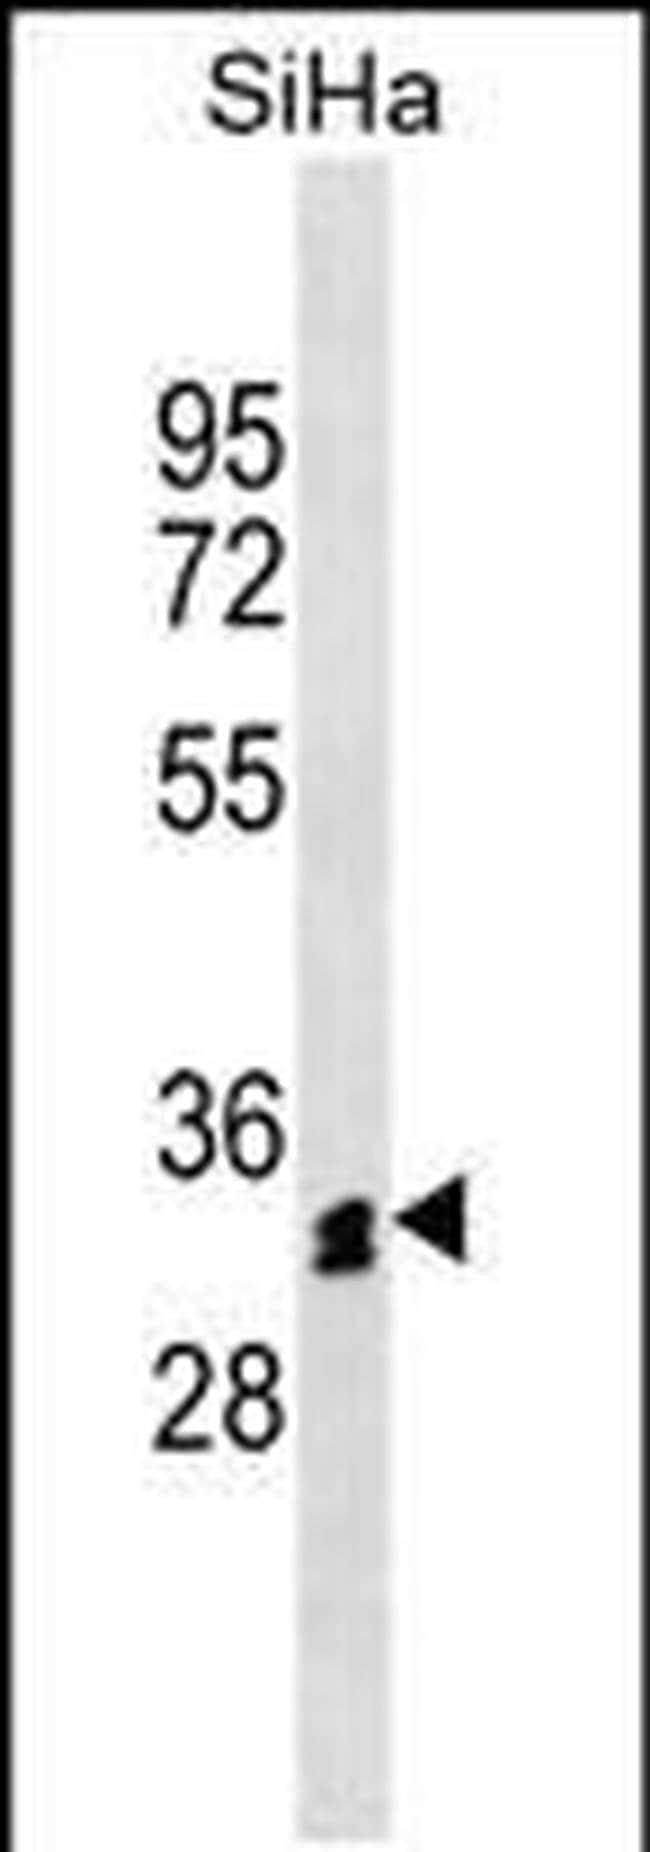 OR51M1 Rabbit anti-Human, Polyclonal, Invitrogen 400 µL; Unconjugated